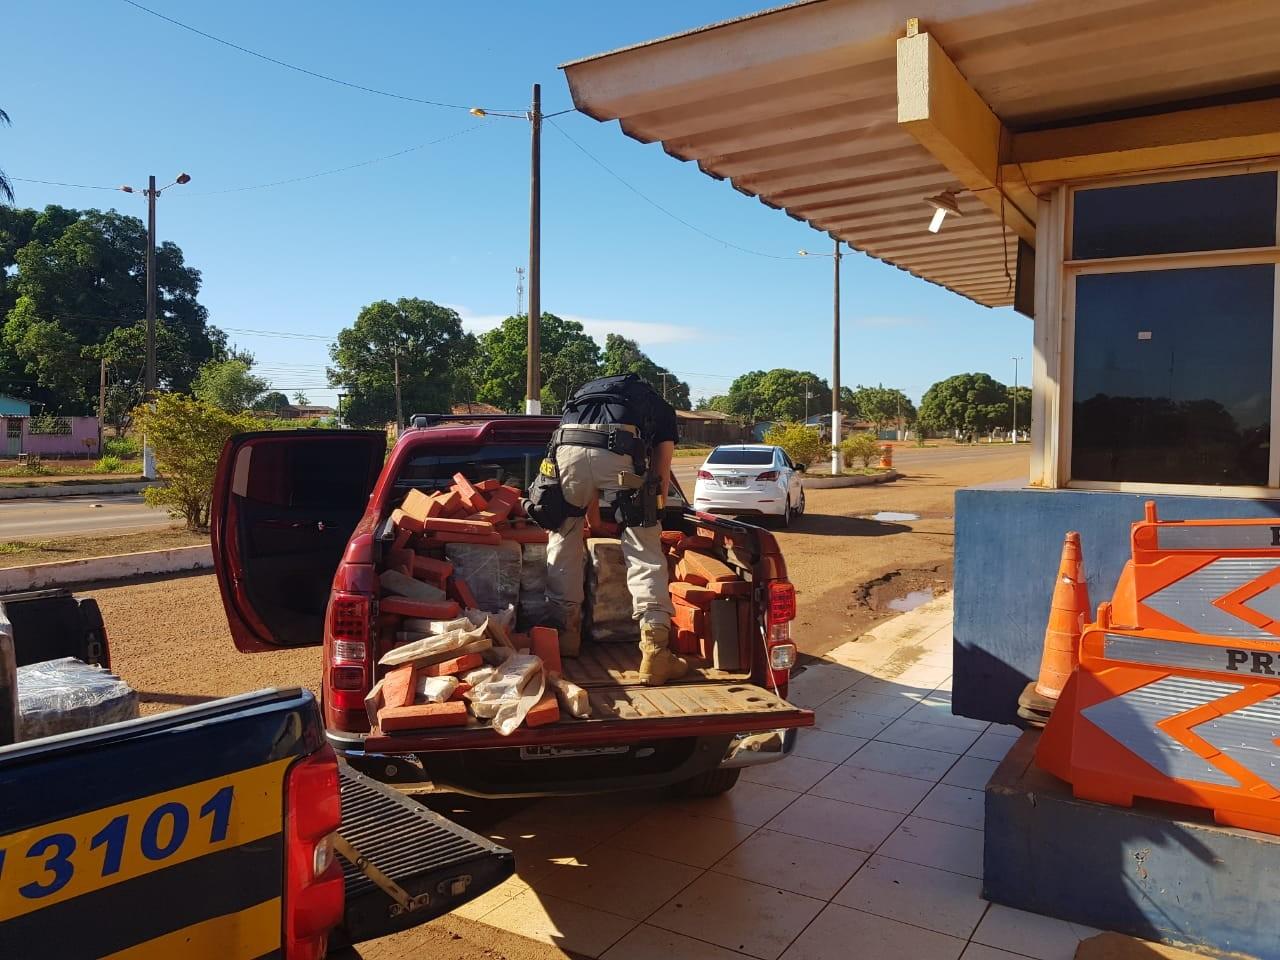 Caminhonete com 850 quilos de maconha é apreendida no sudeste do Pará - Notícias - Plantão Diário